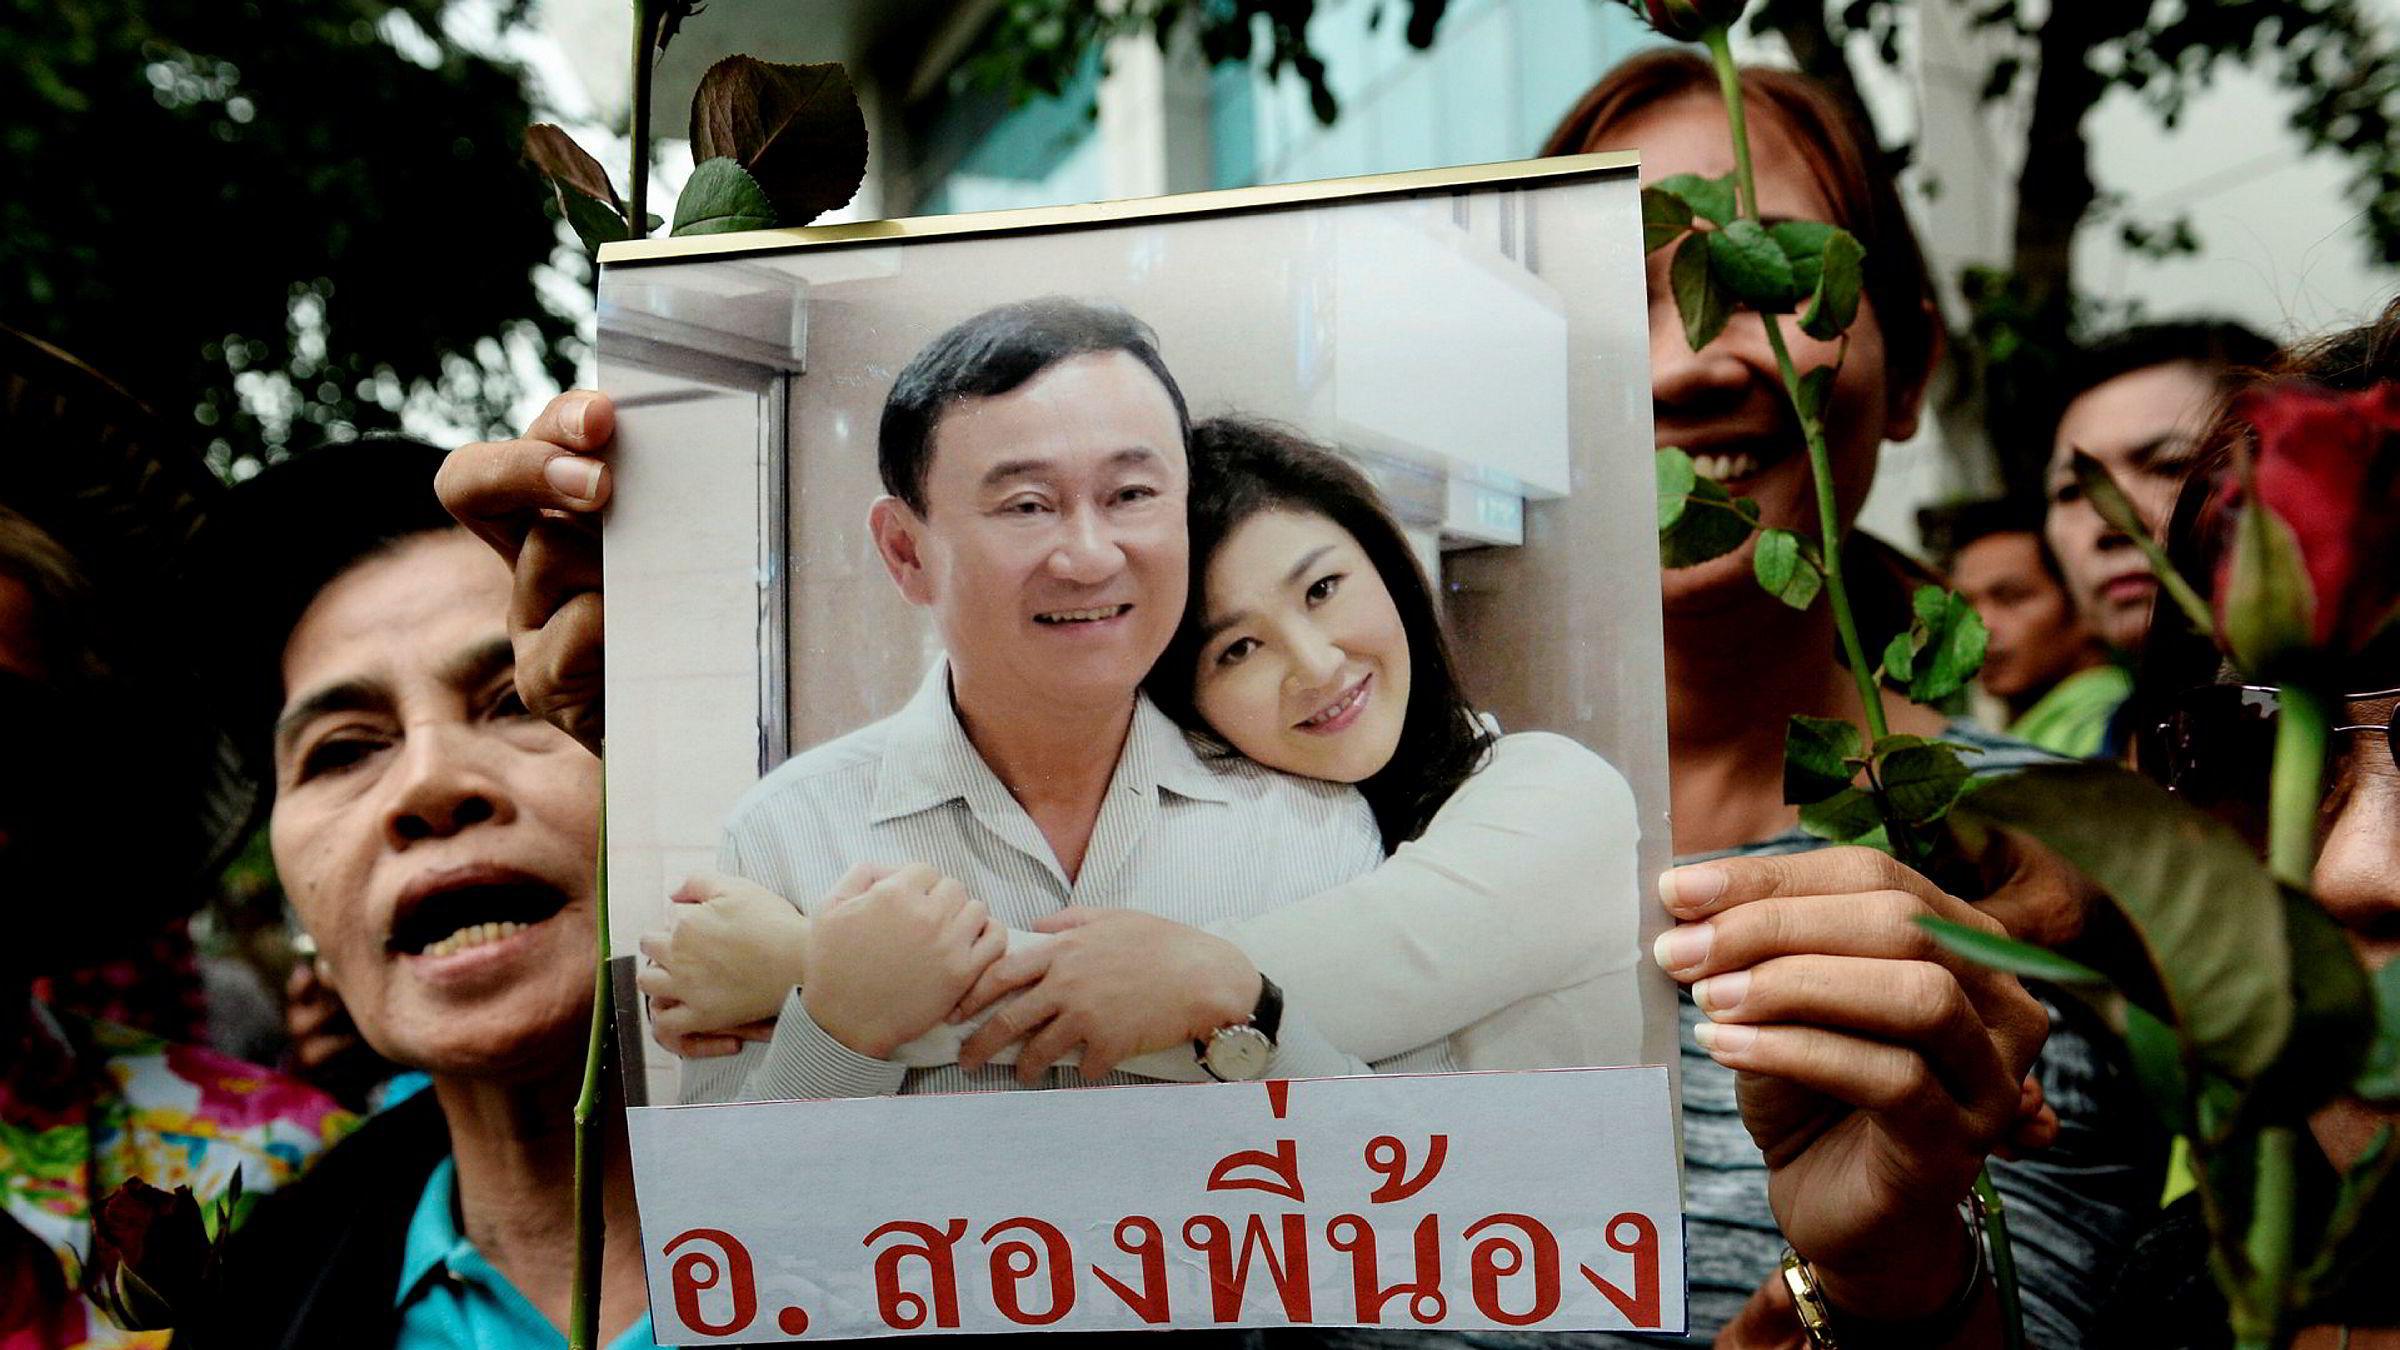 Bildet, som ble tatt i august, viser en kvinne som holder opp et bilde av Thailands tidligere statsminister Yingluck Shinawatra og broren Thaksin Shinawatra.